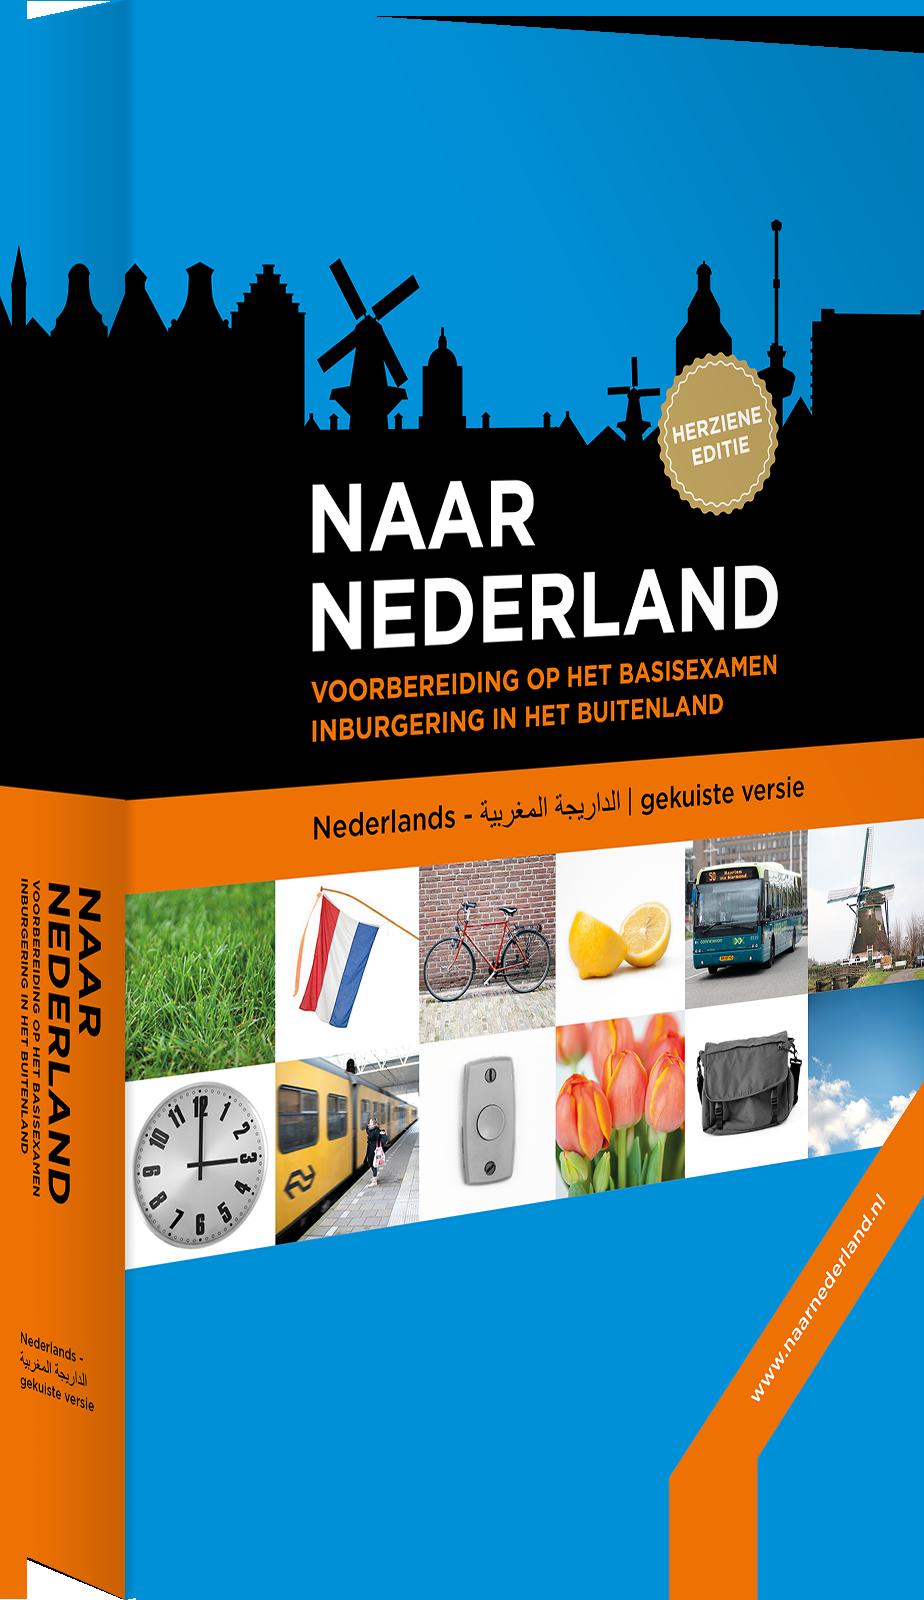 Naar nederland marokkaans arabisch ministerie for Van nederlands naar arabisch